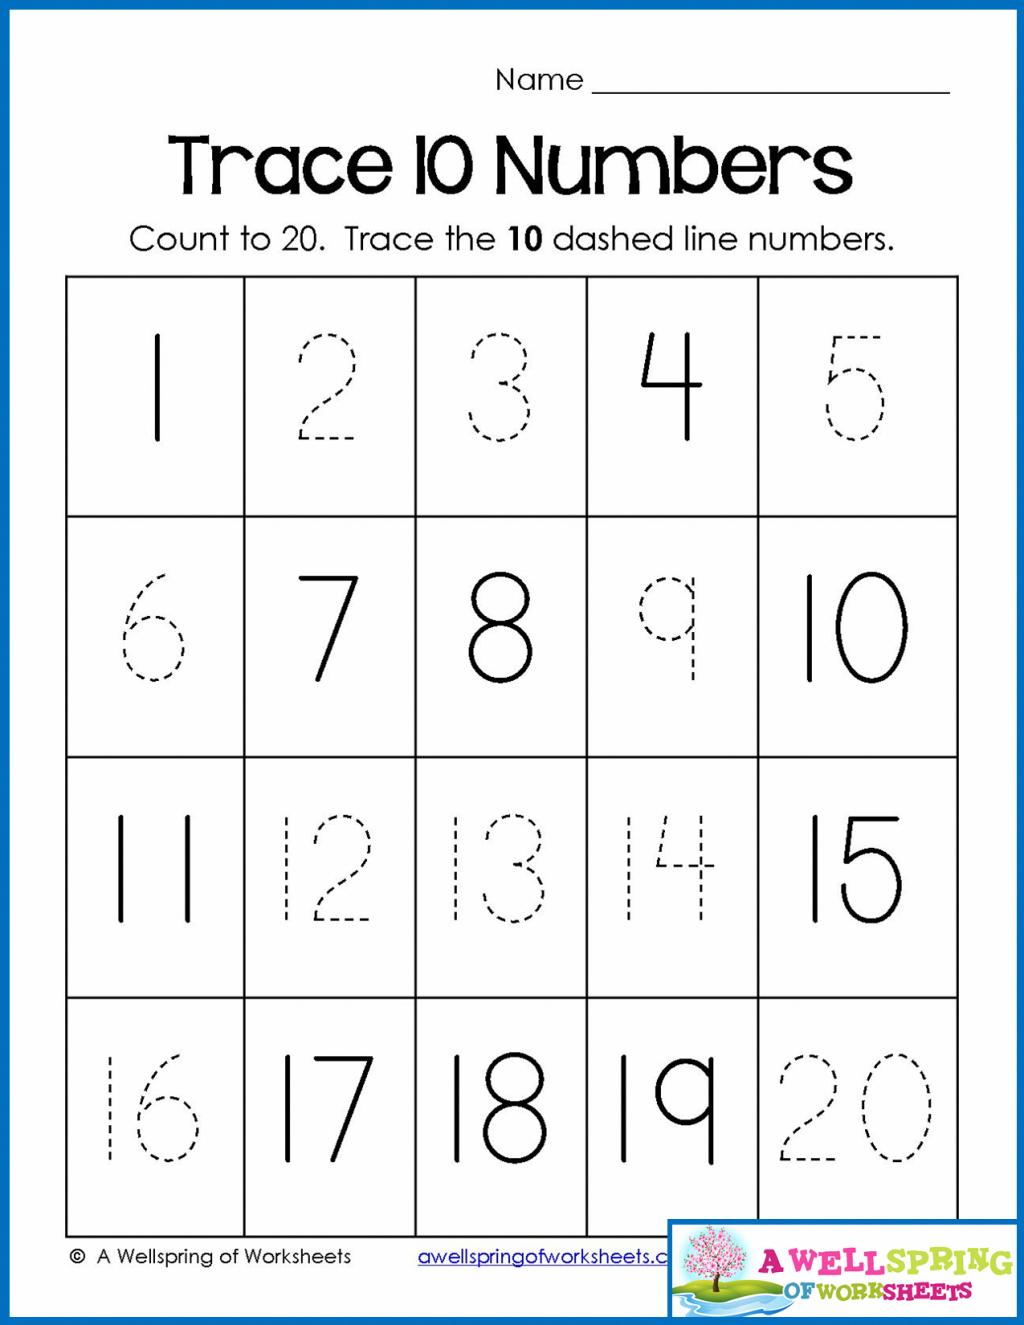 Number Tracing Worksheets 1 20 Pdf Free NumbersWorksheet